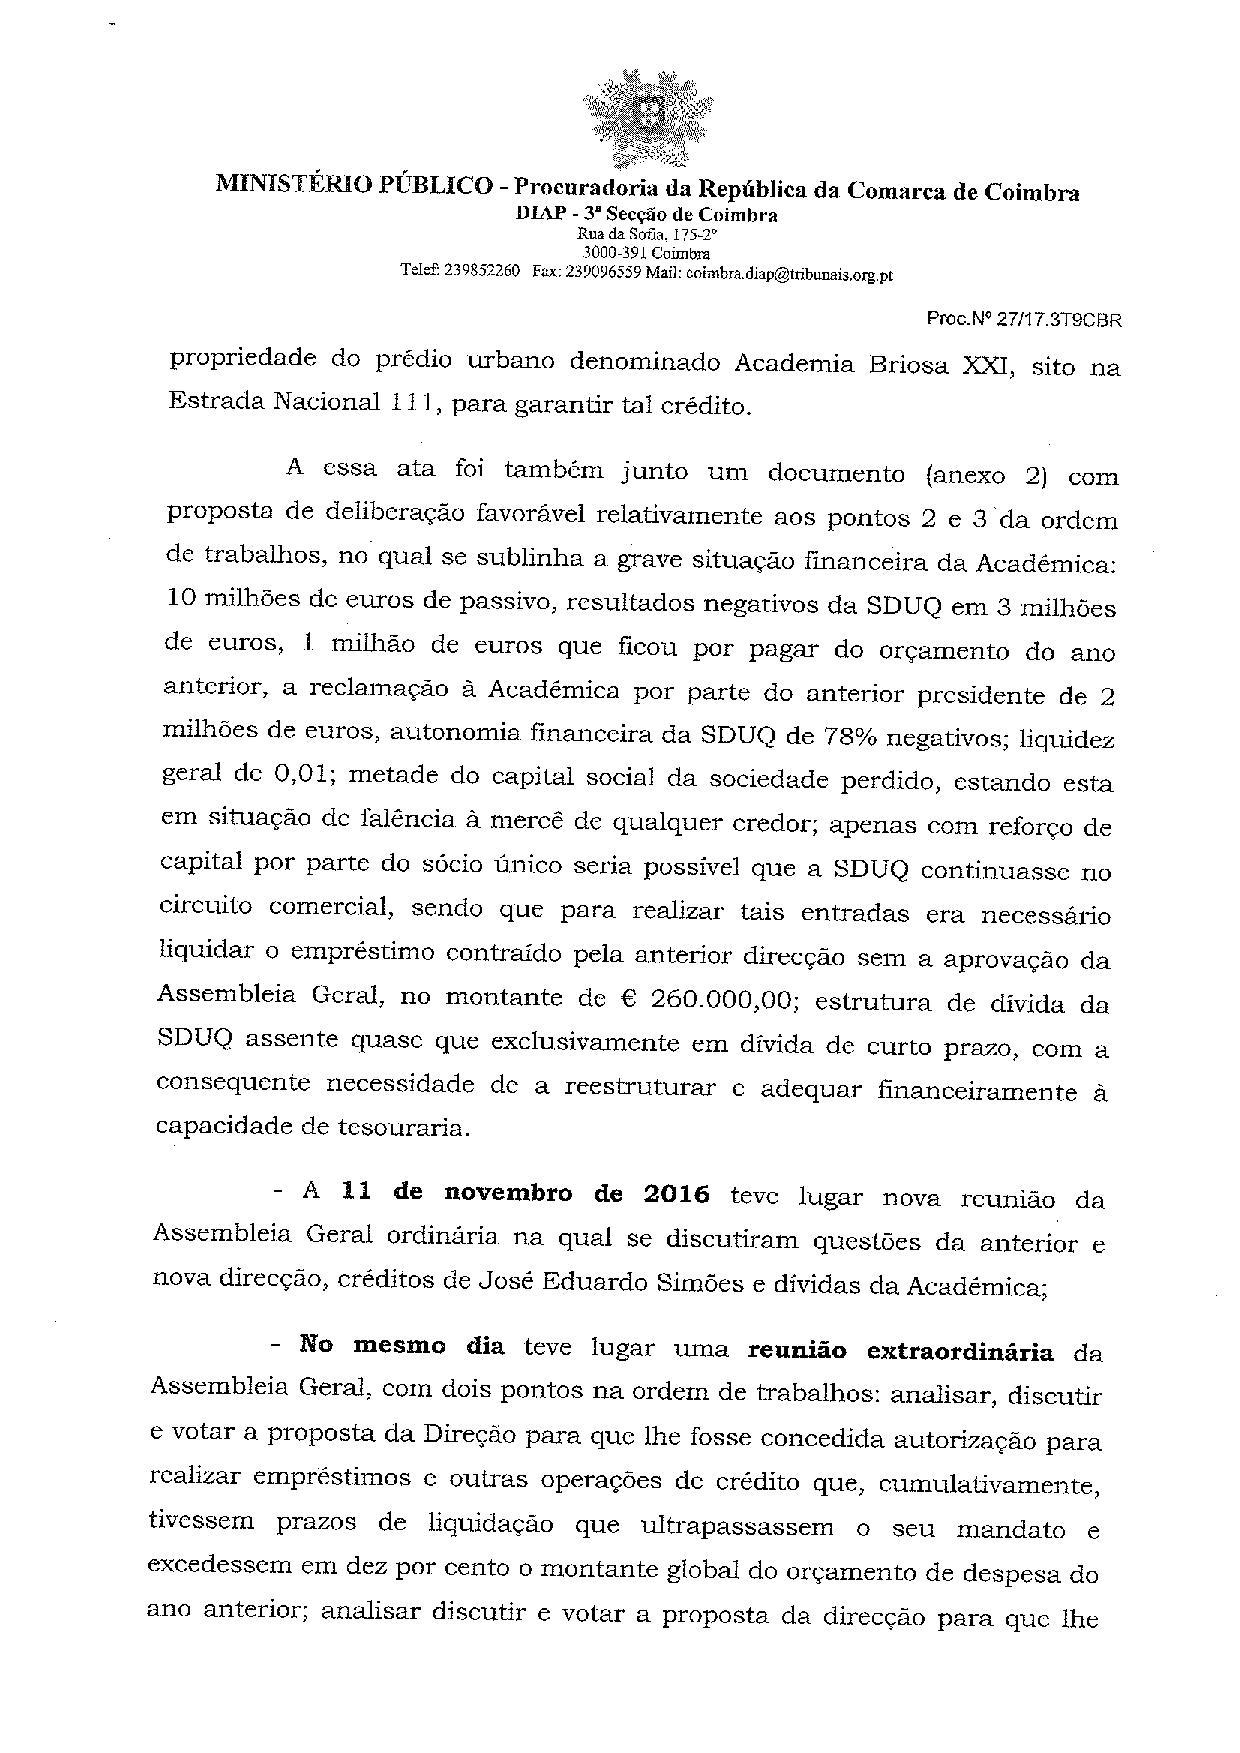 ACA-page-008